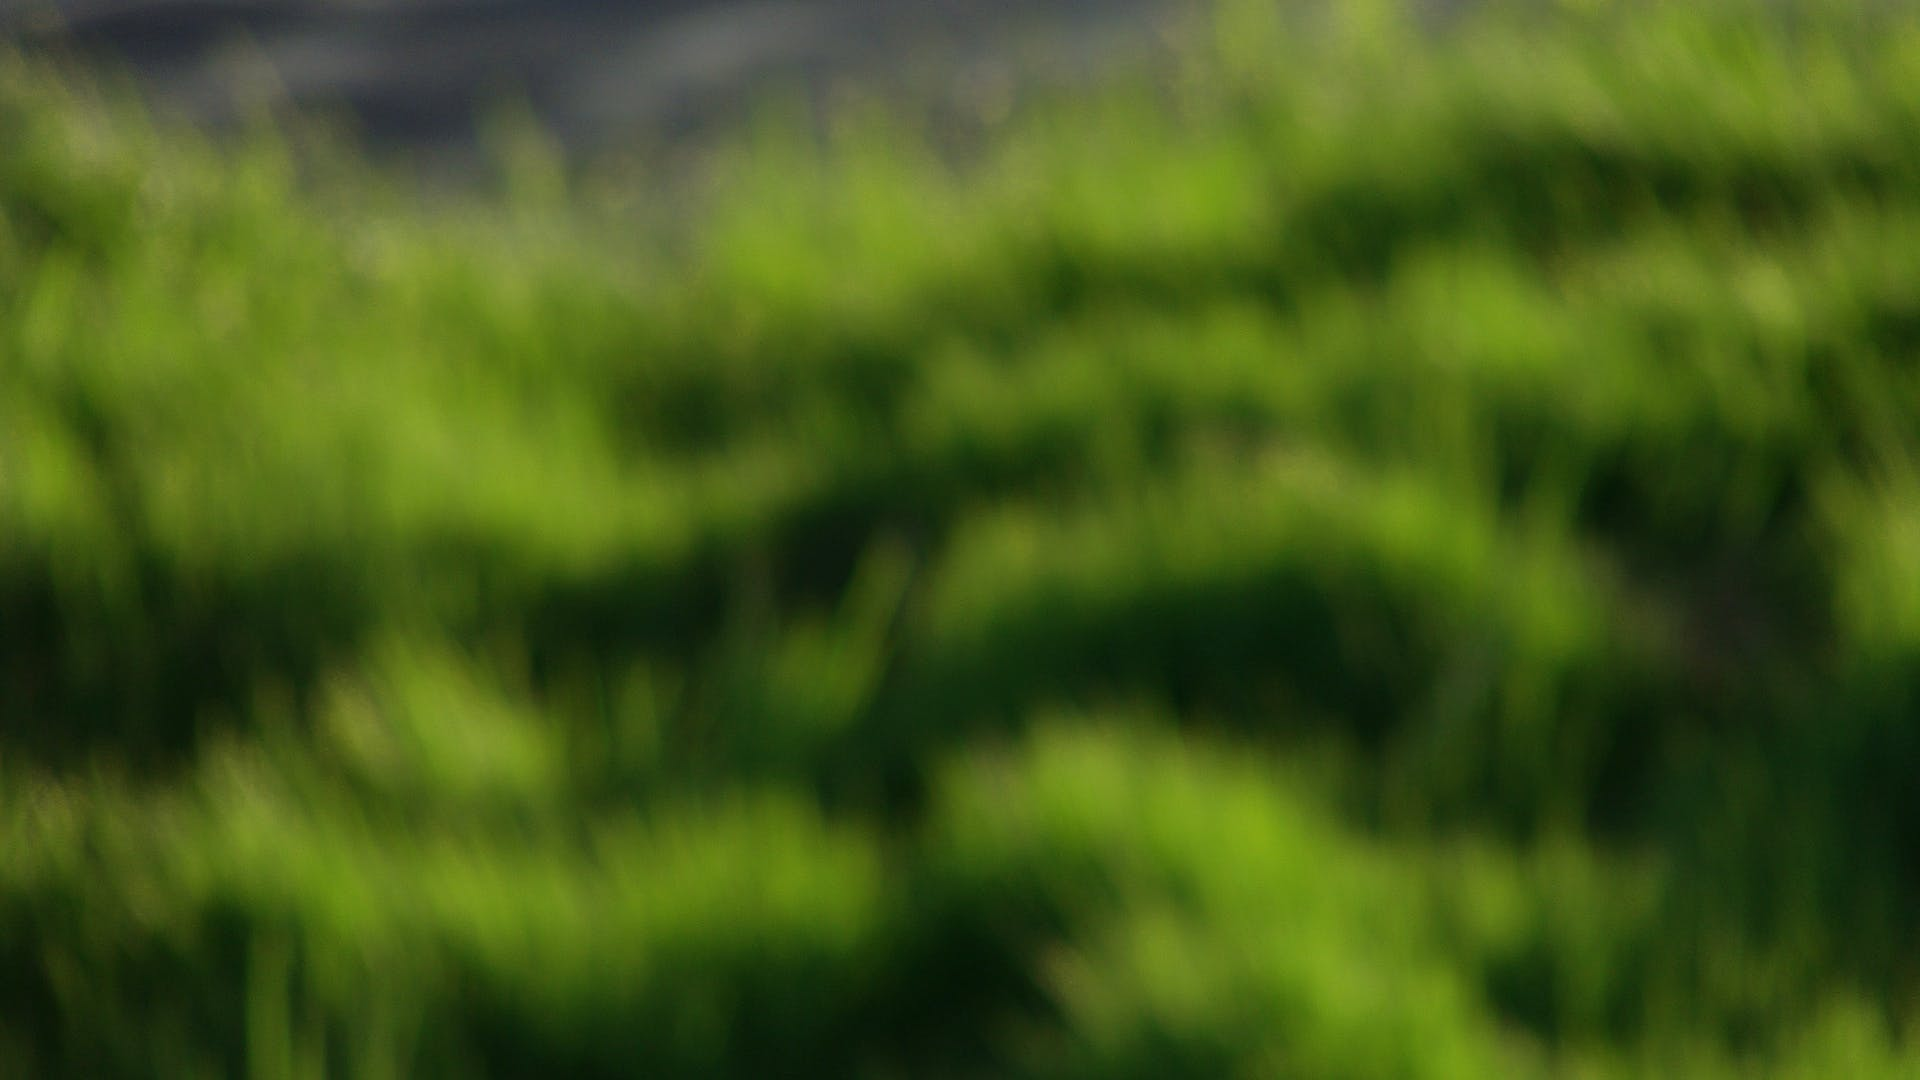 Kostenloses Stock Foto zu gras, grün, sonne, unscharf